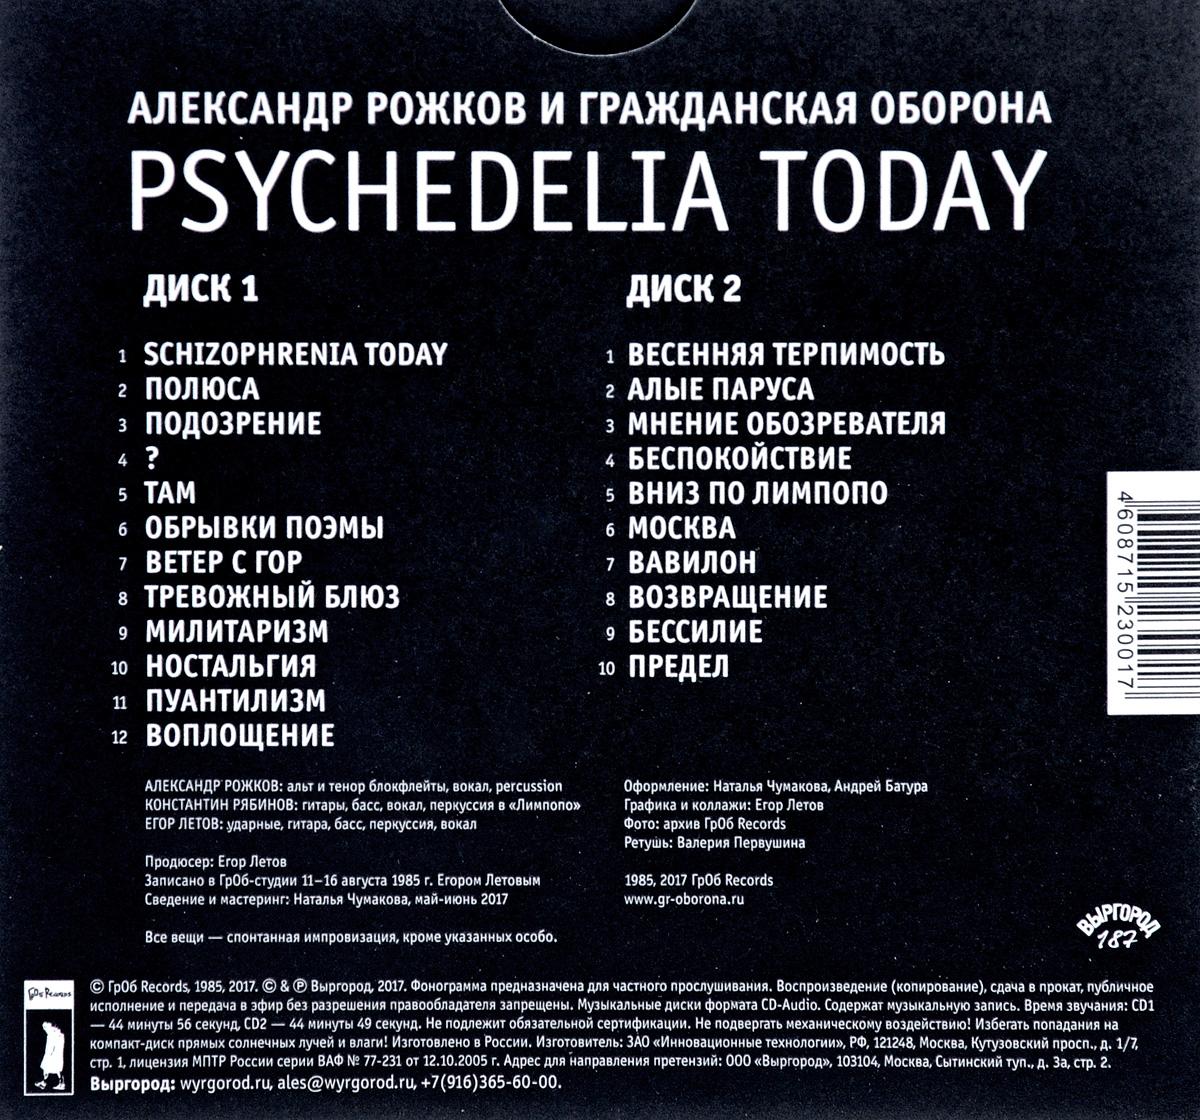 Рожков Александр и Гражданская Оборона.  Psychedelia Today (2 CD черно-белая обложка) Выргород